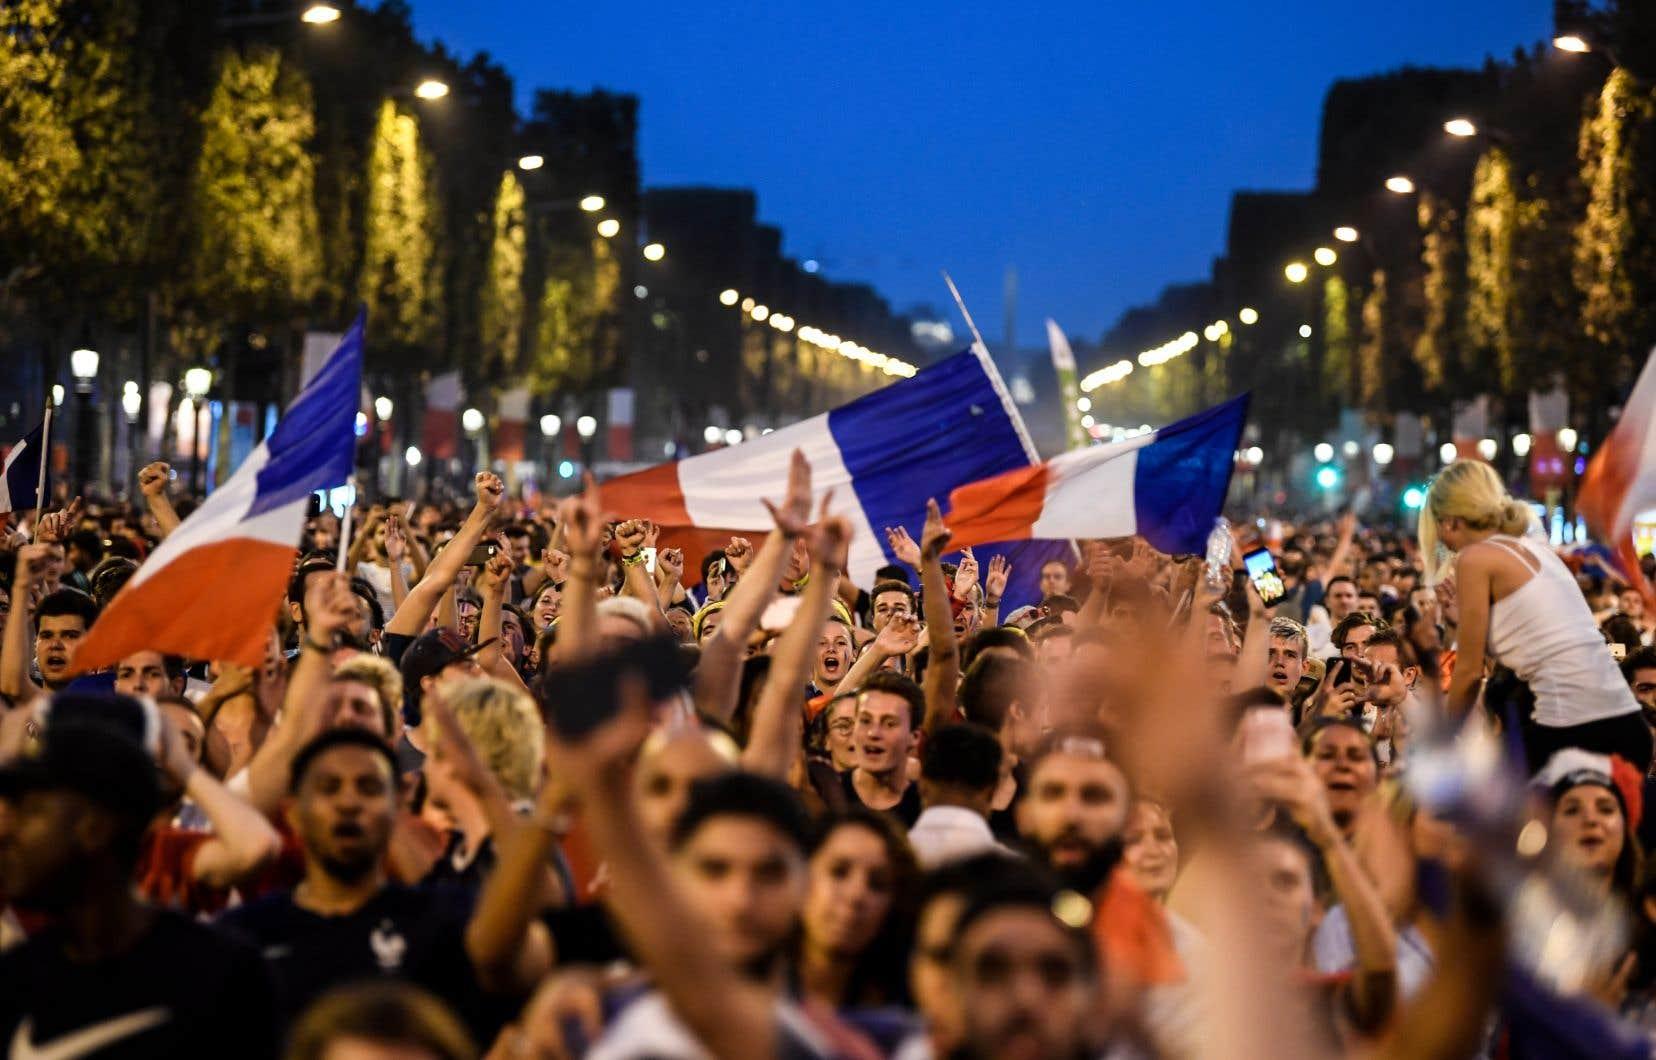 Deux personnes ont été placées en garde à vue à Paris, soupçonnées d'agressions sexuelles à l'occasion de la finale. Parmi elles, un mineur a été présenté à un juge des enfants mardi.